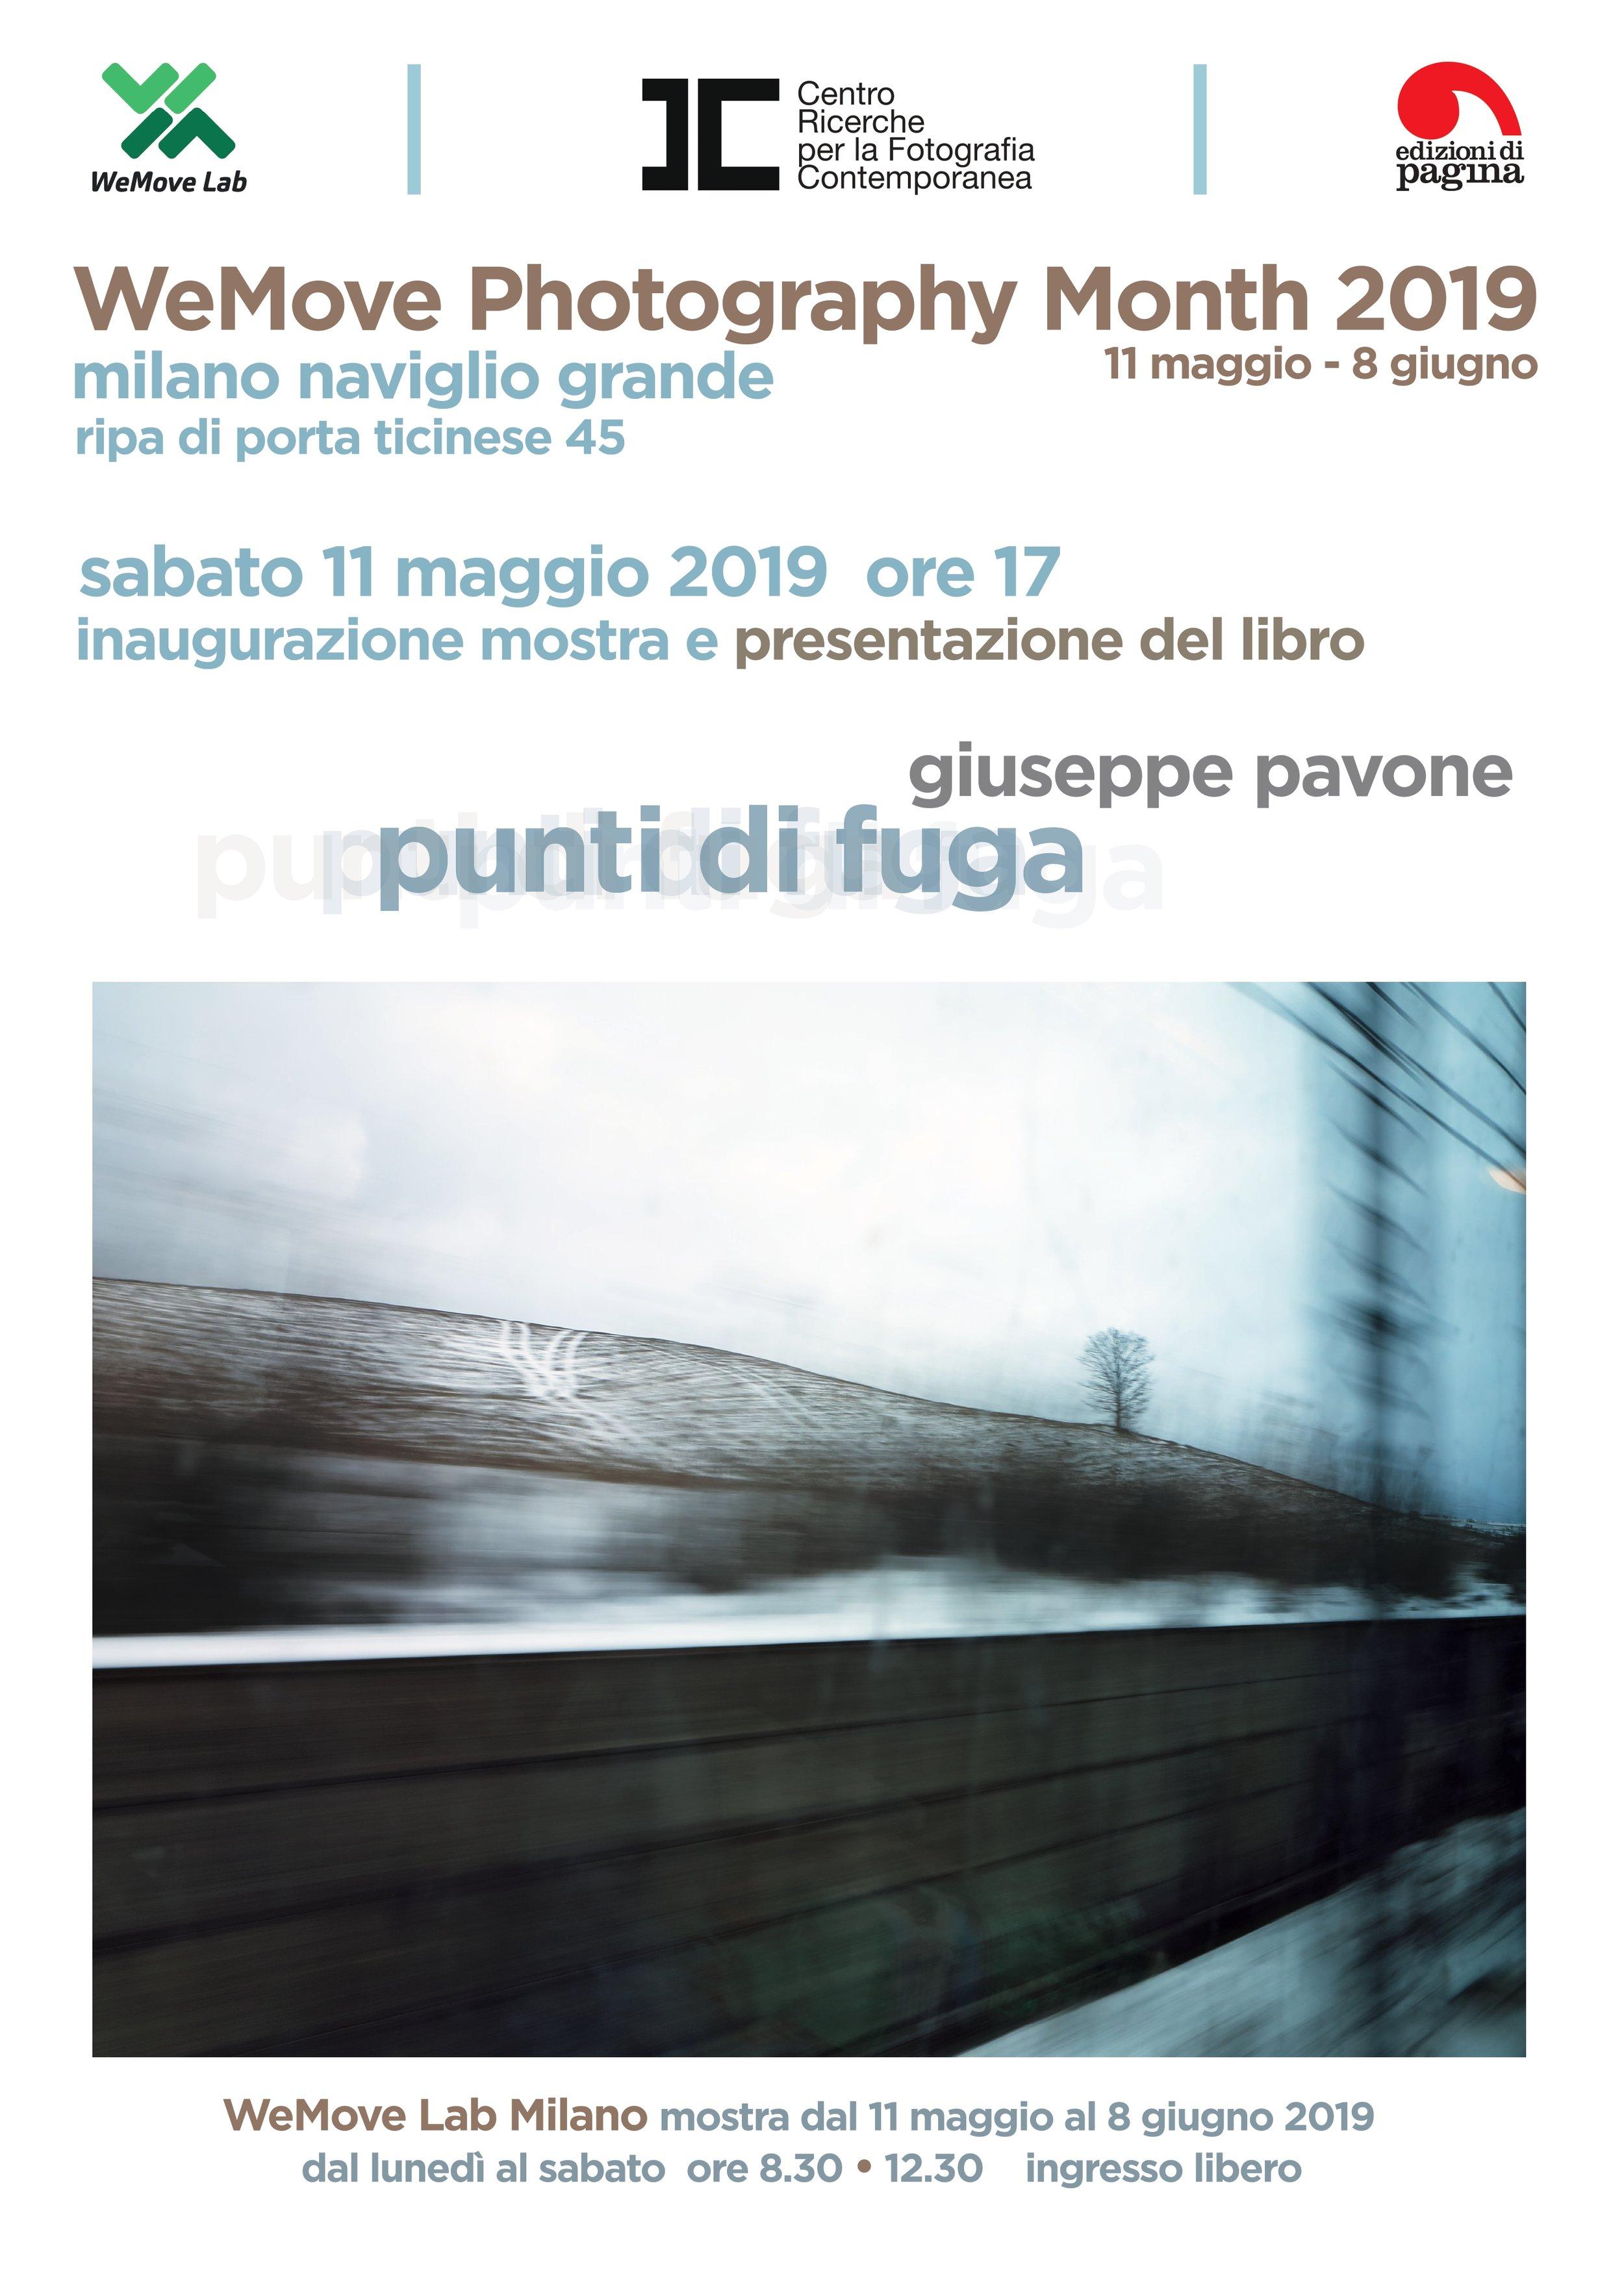 loc_puntidifuga_milano_50_70_page-0001.jpg